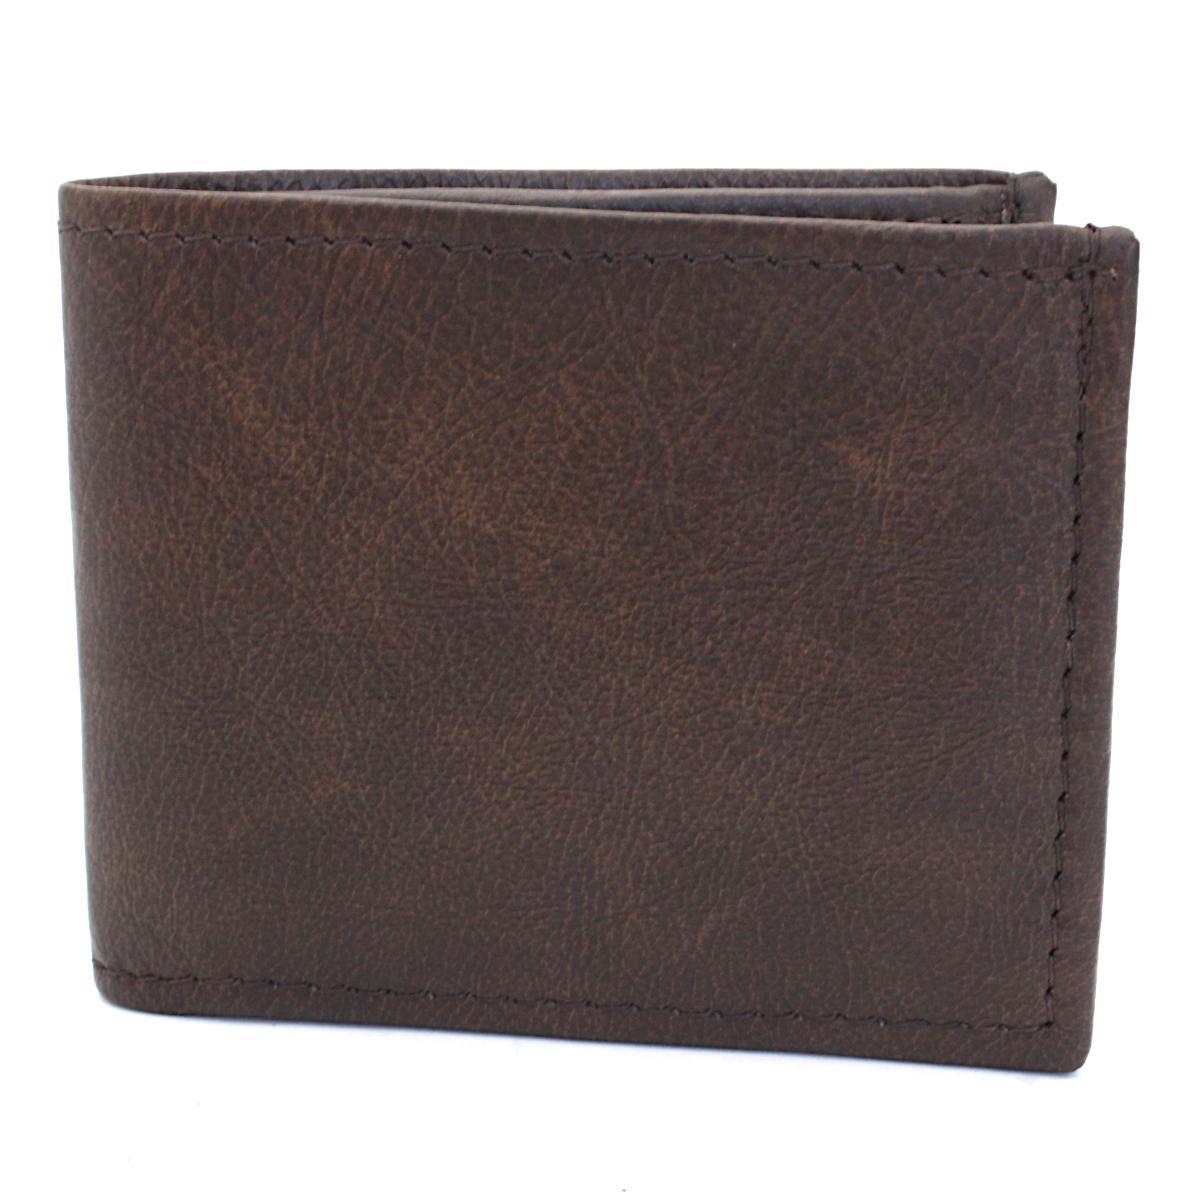 практичен мъжки портфейл естествена кожа